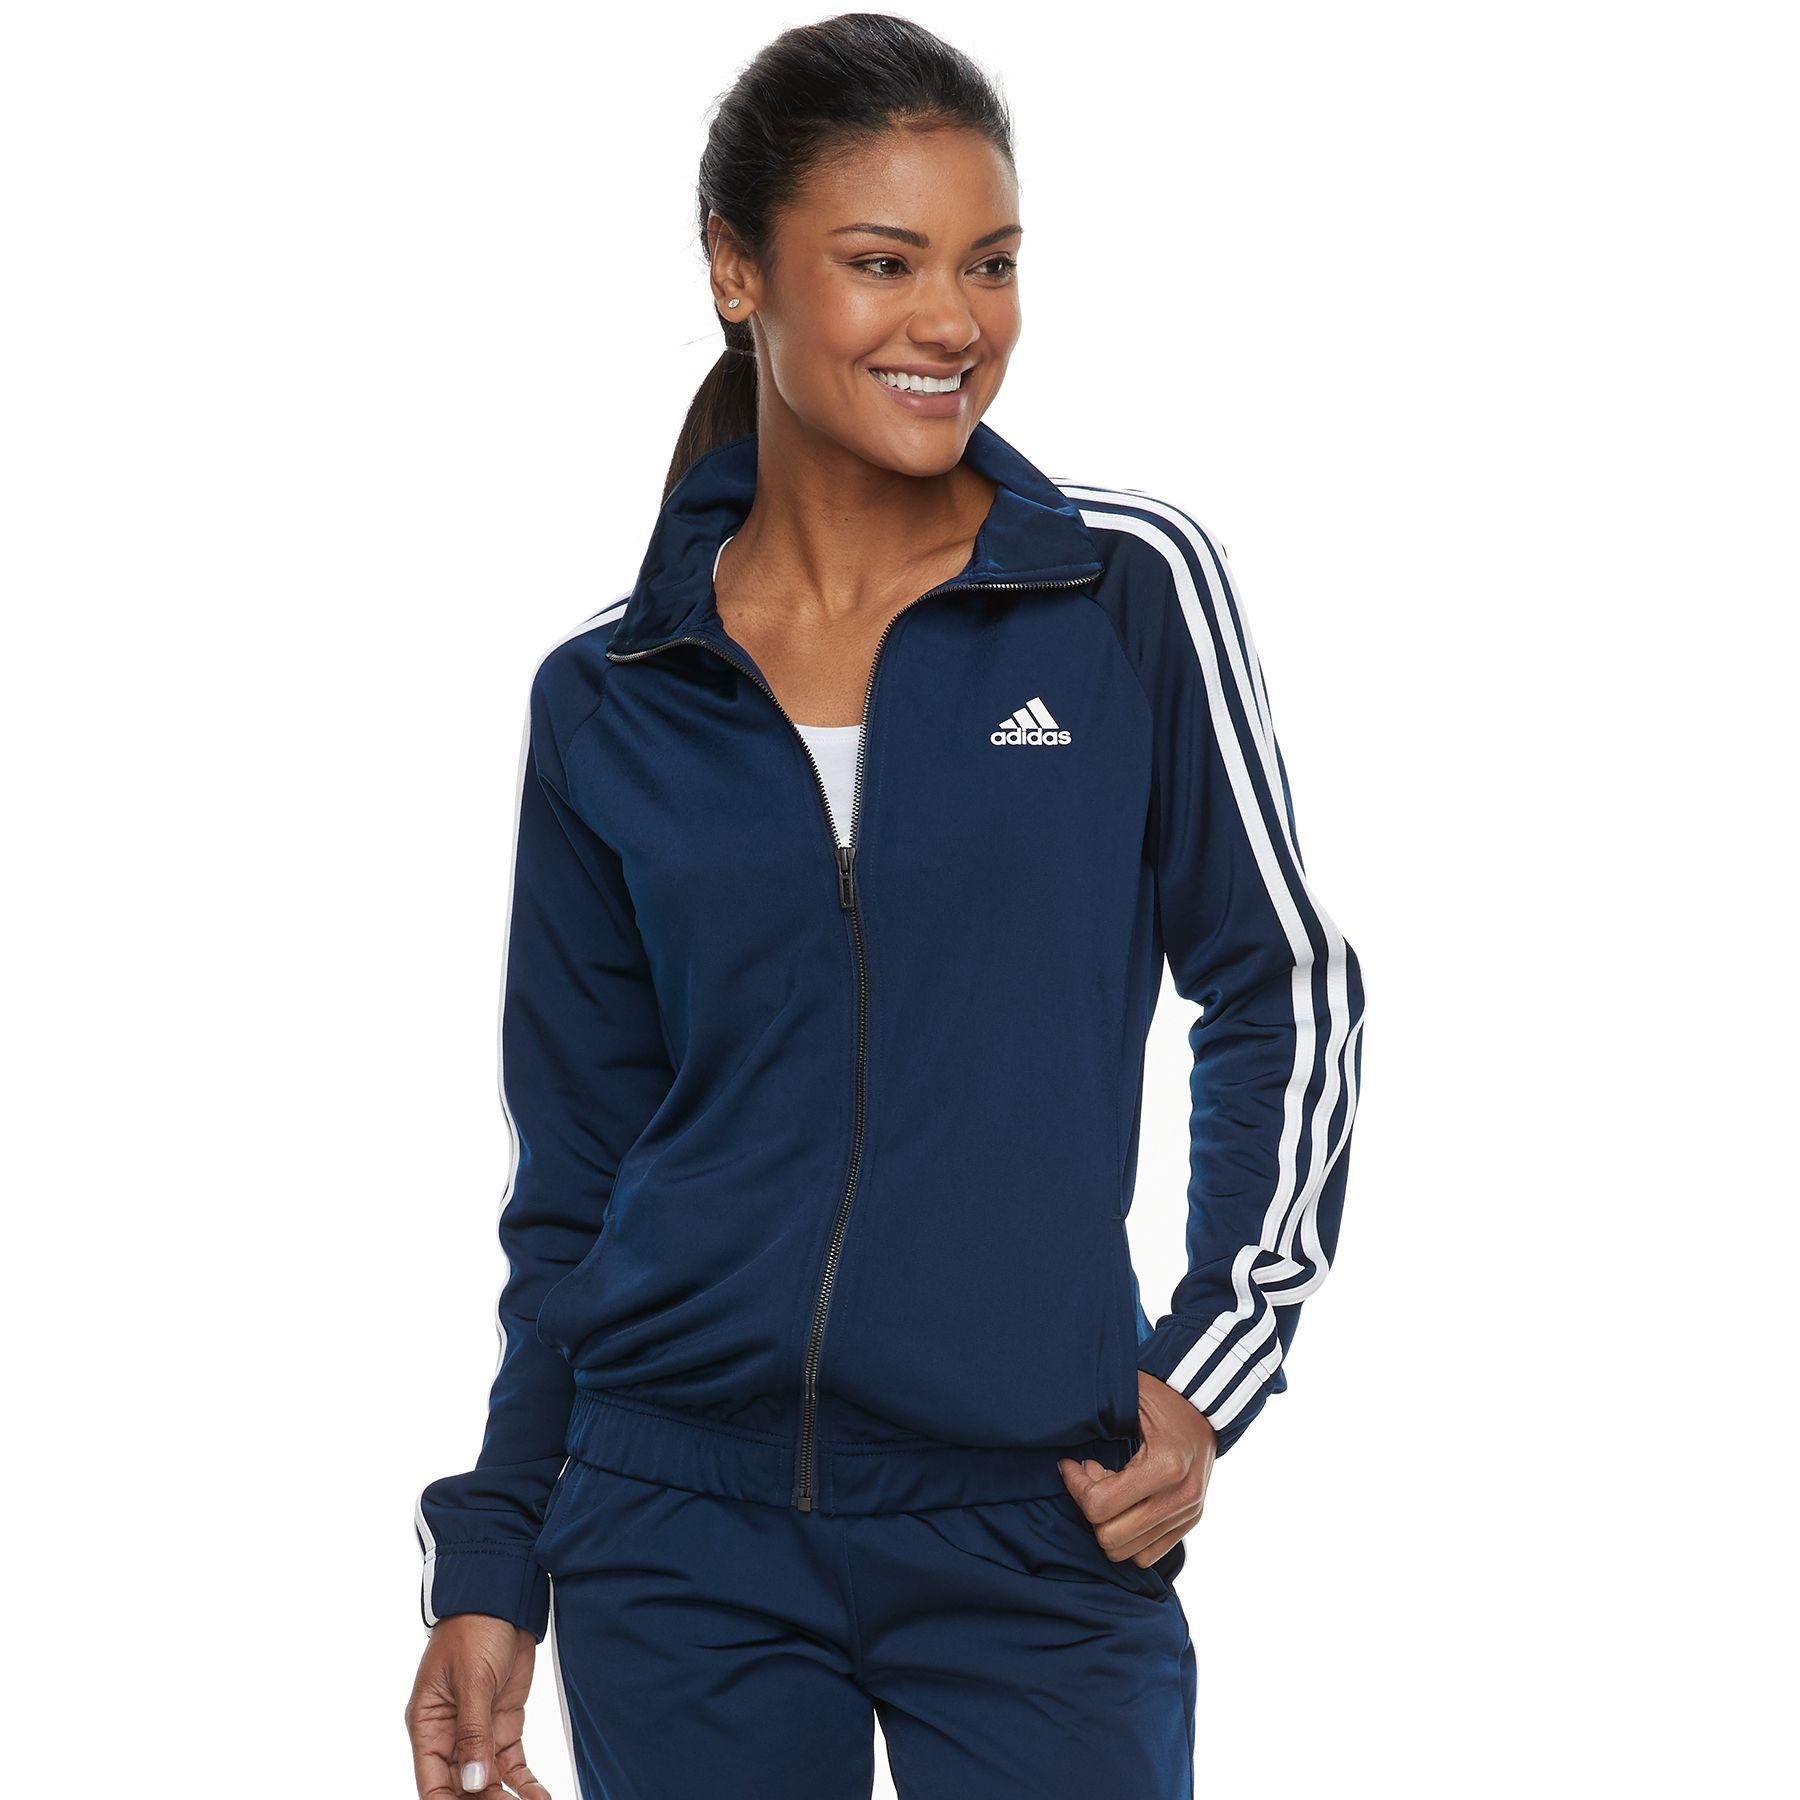 adidas zip up jacket women's